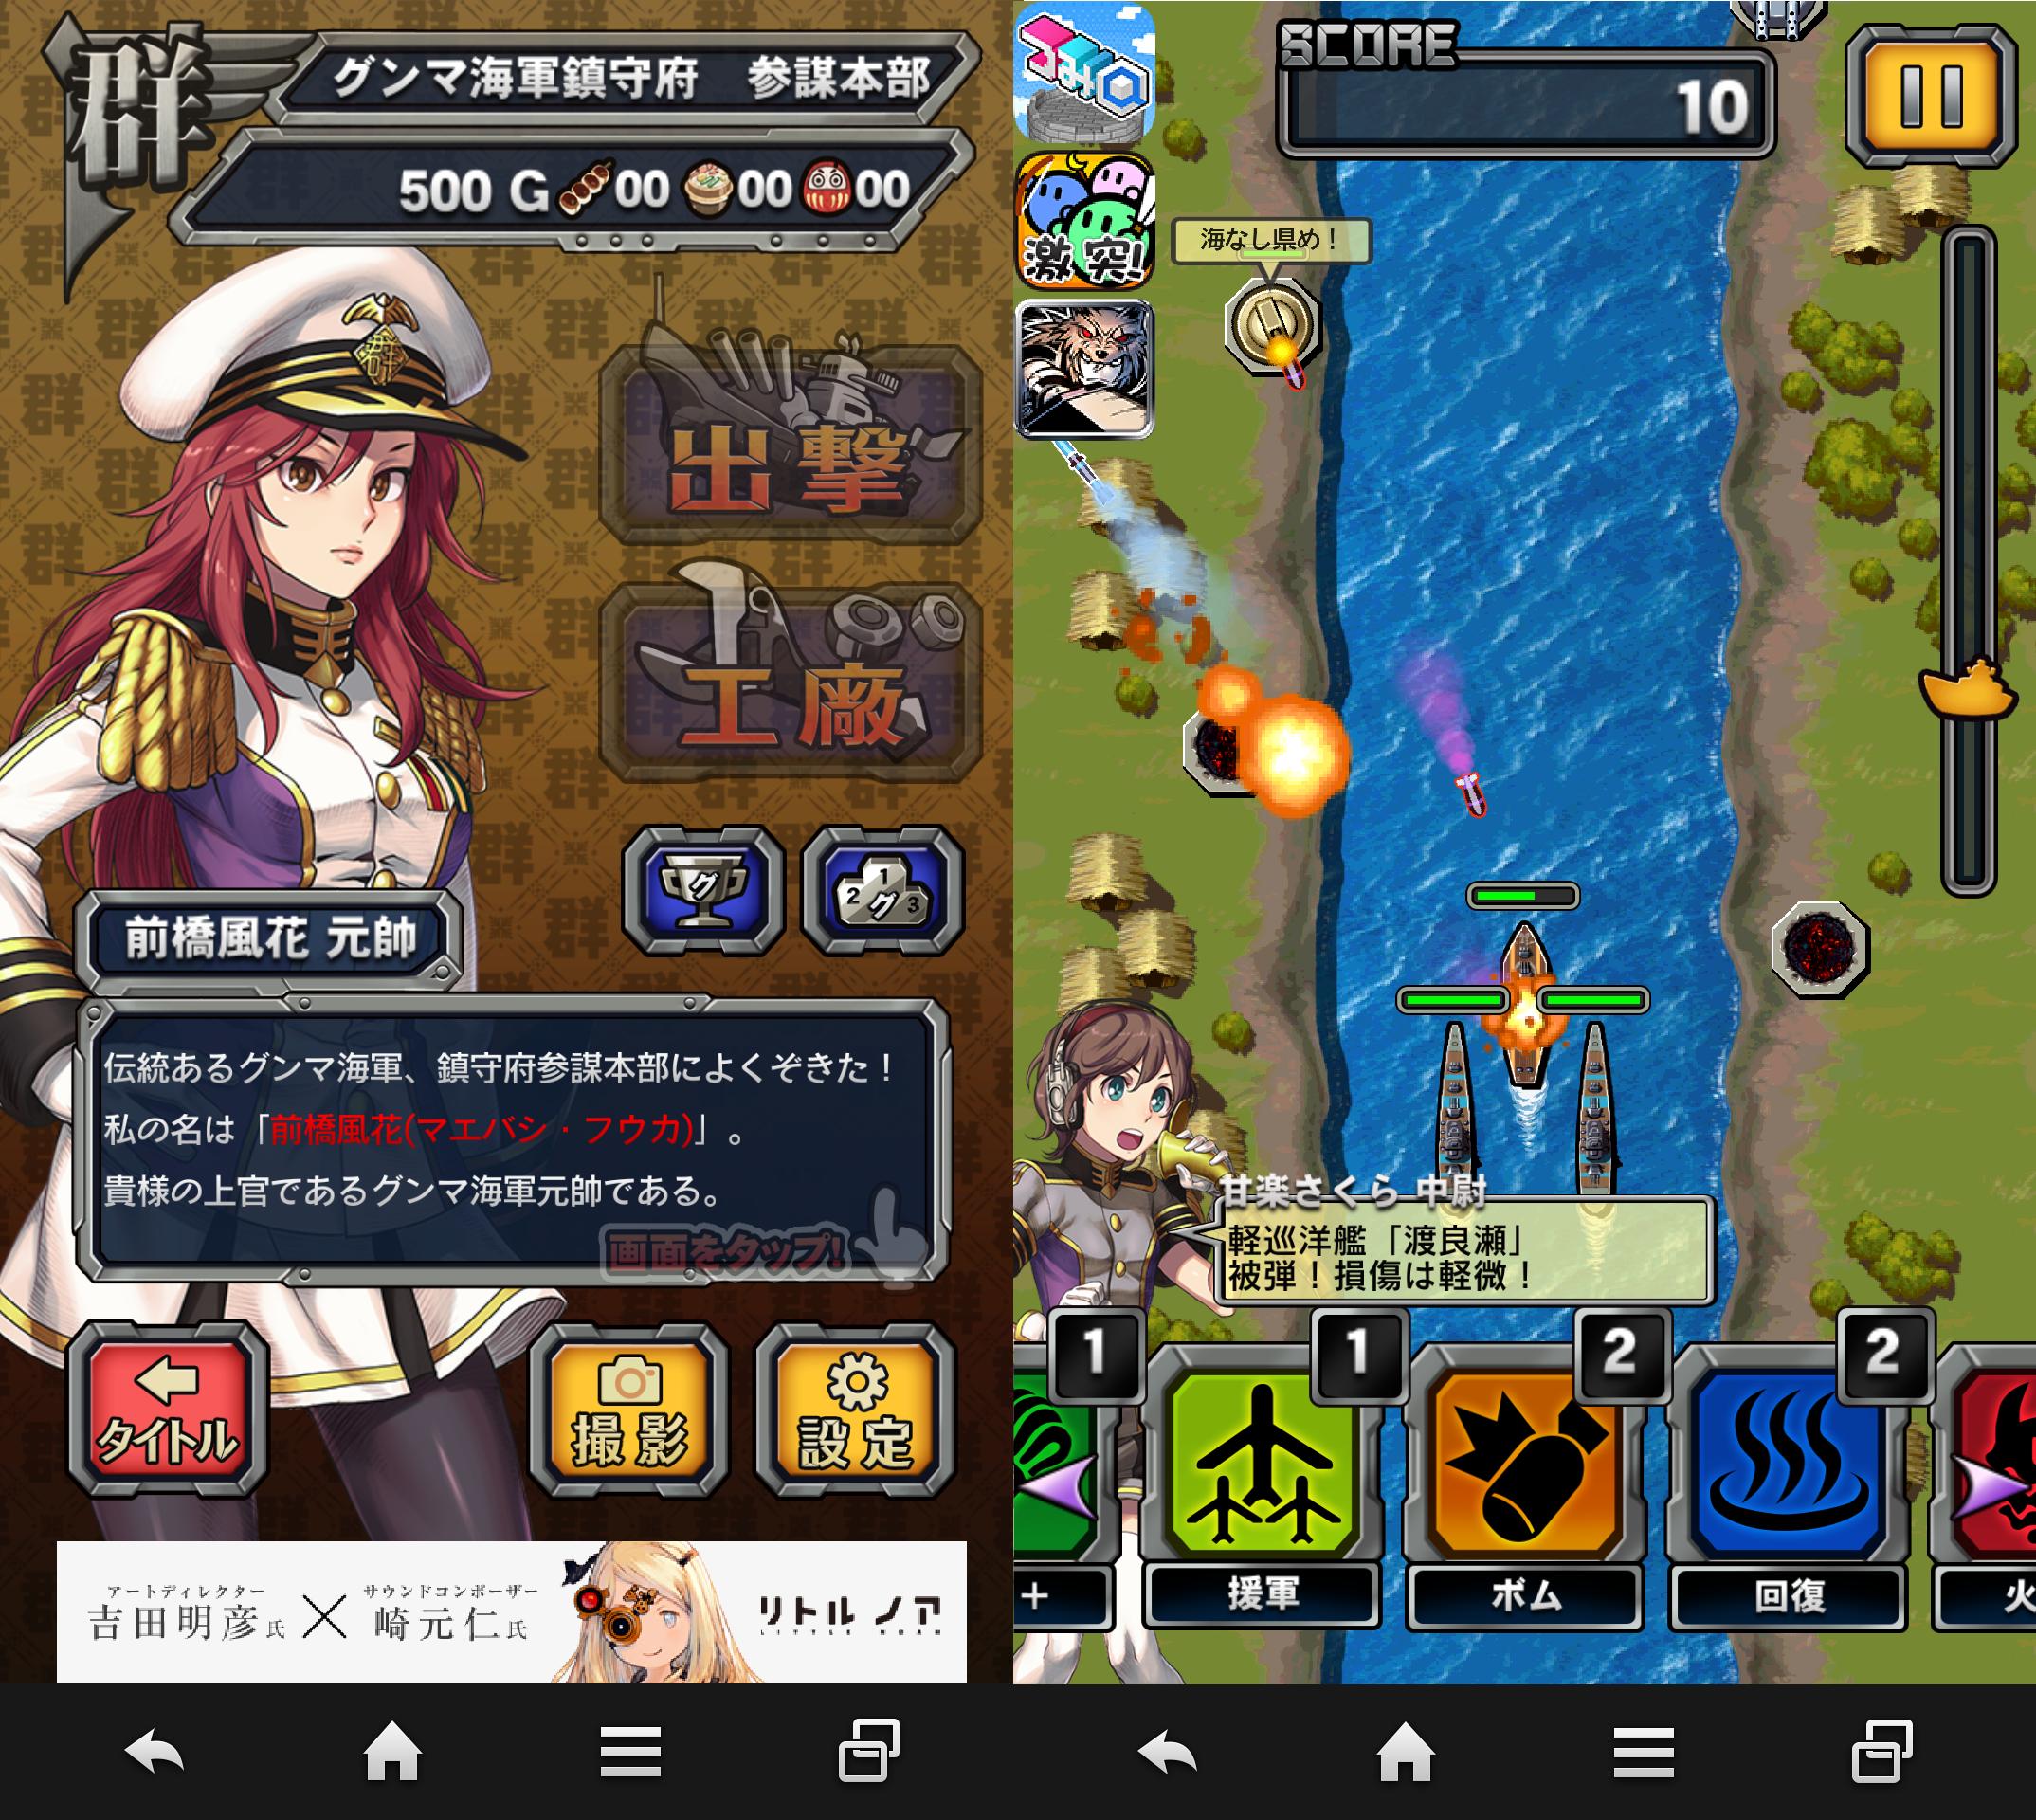 最強!グンマ海軍 androidアプリスクリーンショット1